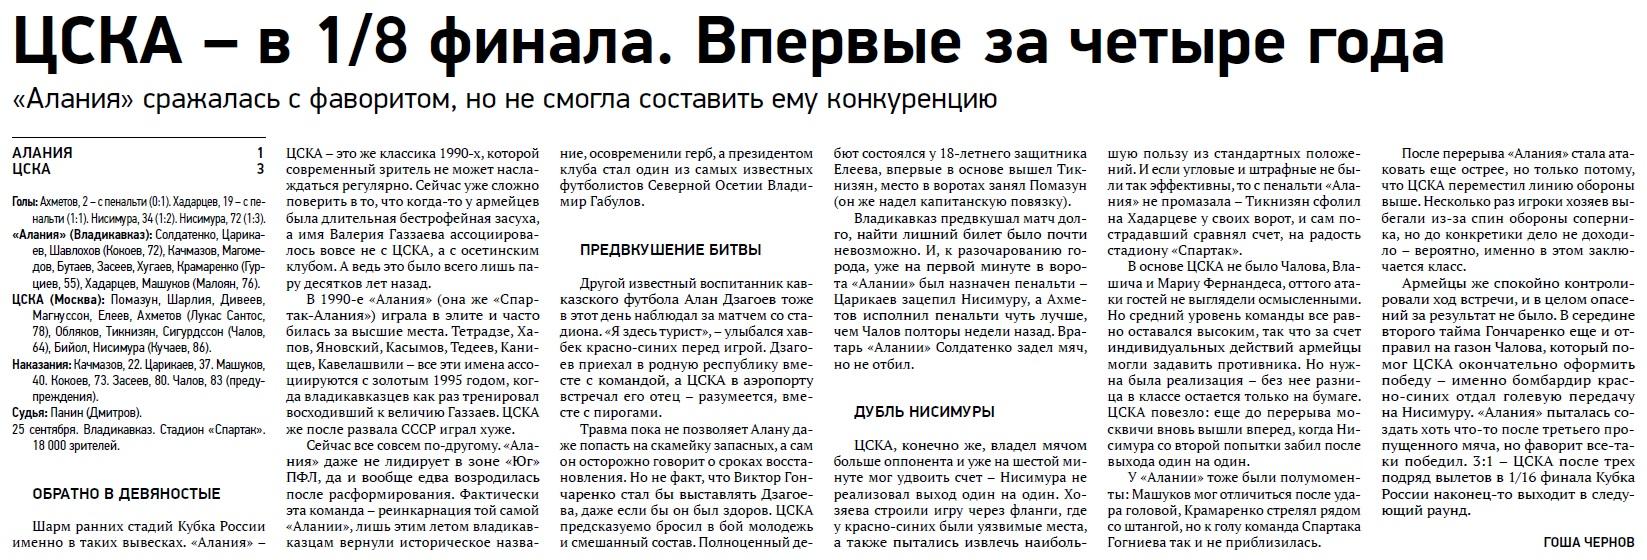 Алания (Владикавказ) - ЦСКА (Москва) 1:3. Нажмите, чтобы посмотреть истинный размер рисунка